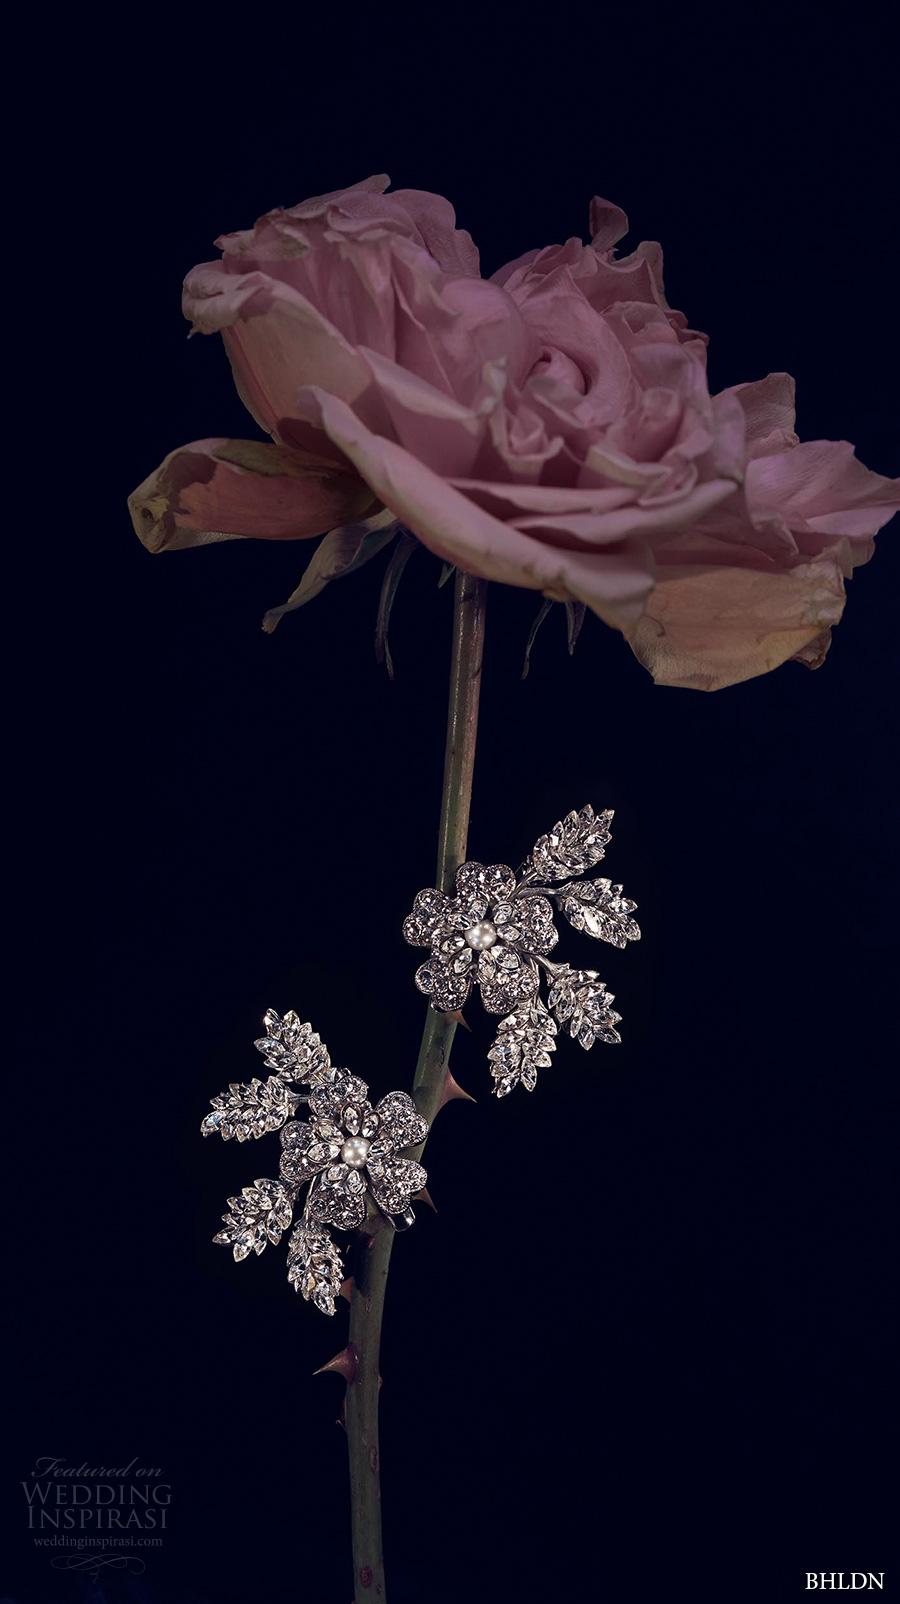 bhldn spring 2017 bridal wedding acessories crystal hair clips (petunia) mv